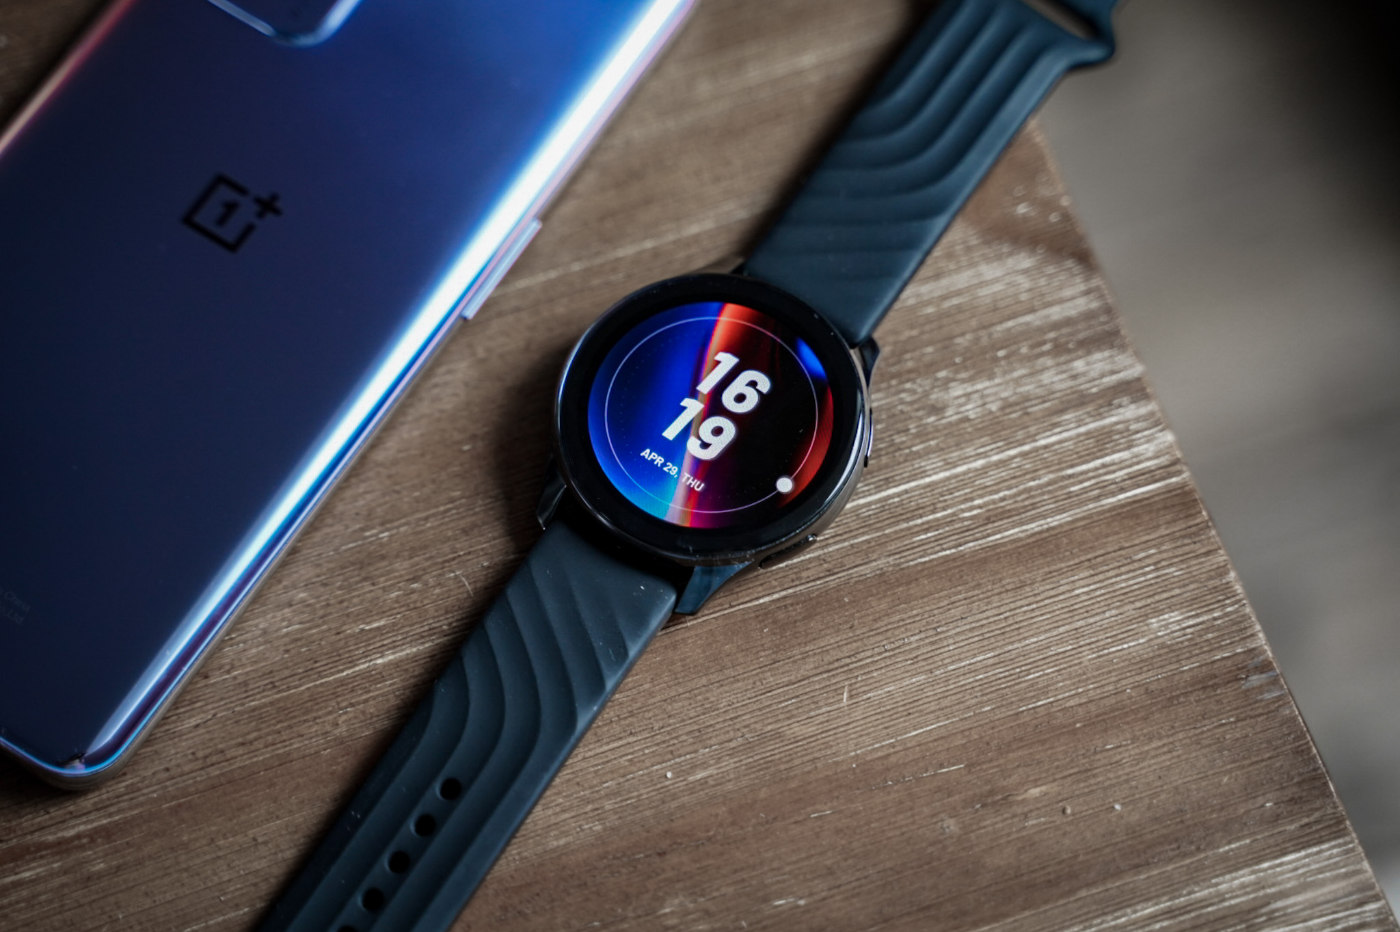 test oneplus watch design